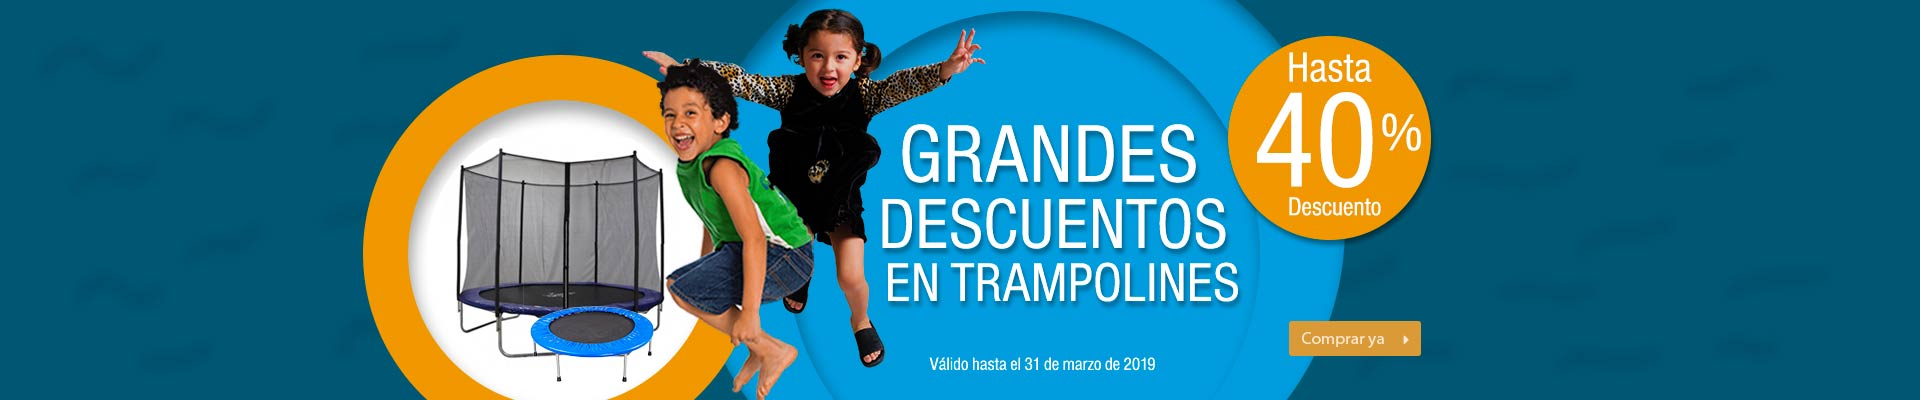 AK-BCAT-3-juguetes---trampolines-Mar16